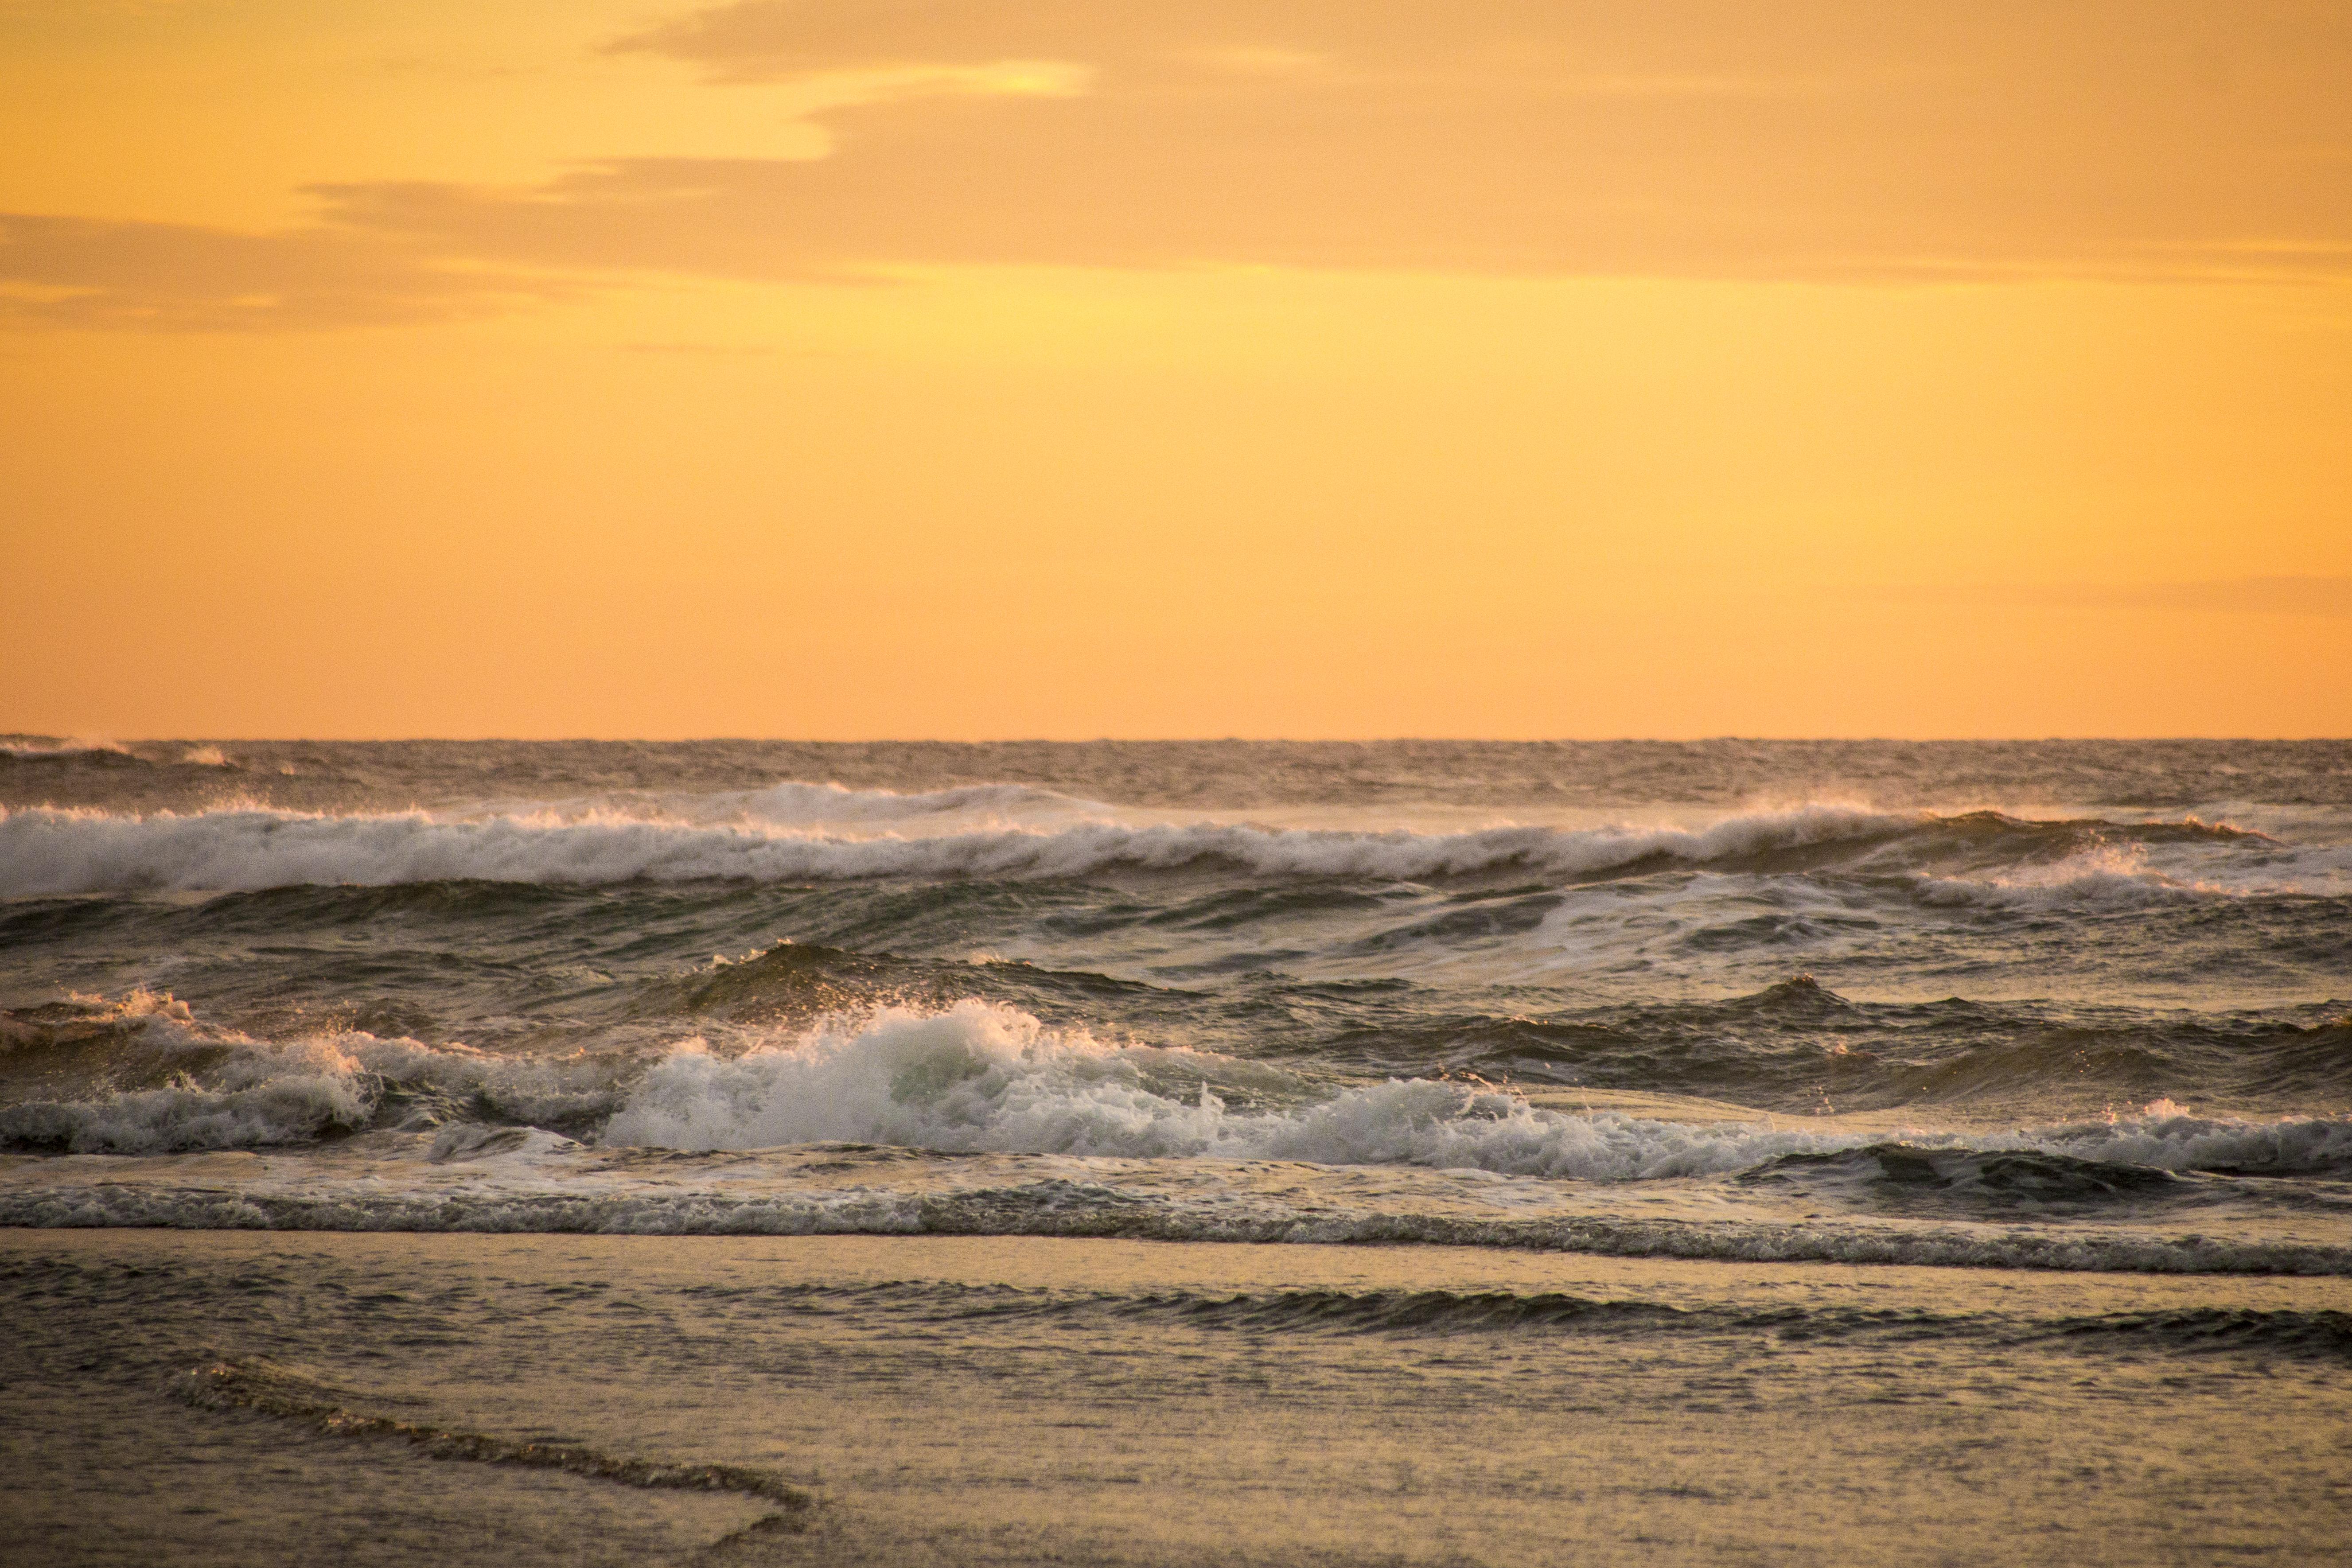 South Jetty Beach, Oregon, Beach, Ocean, Oregon, Sand, HQ Photo